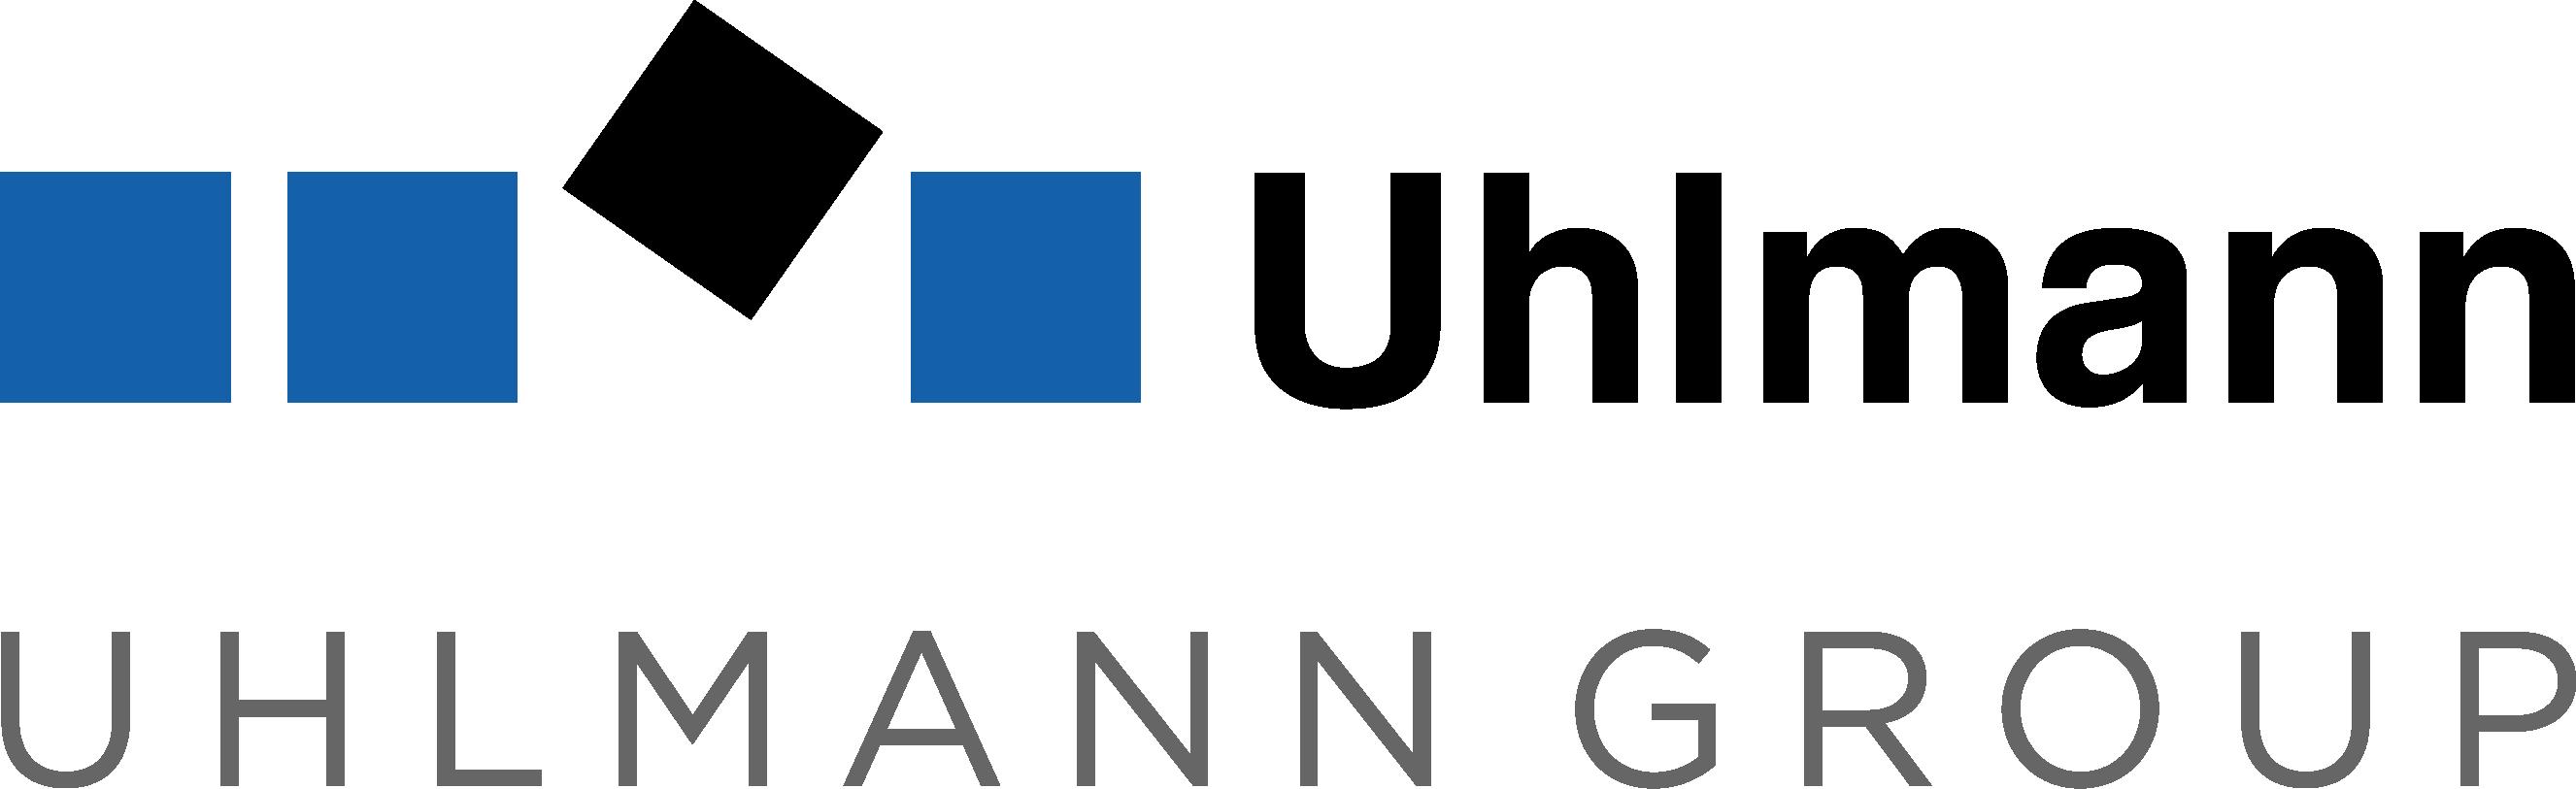 Uhlmann Group